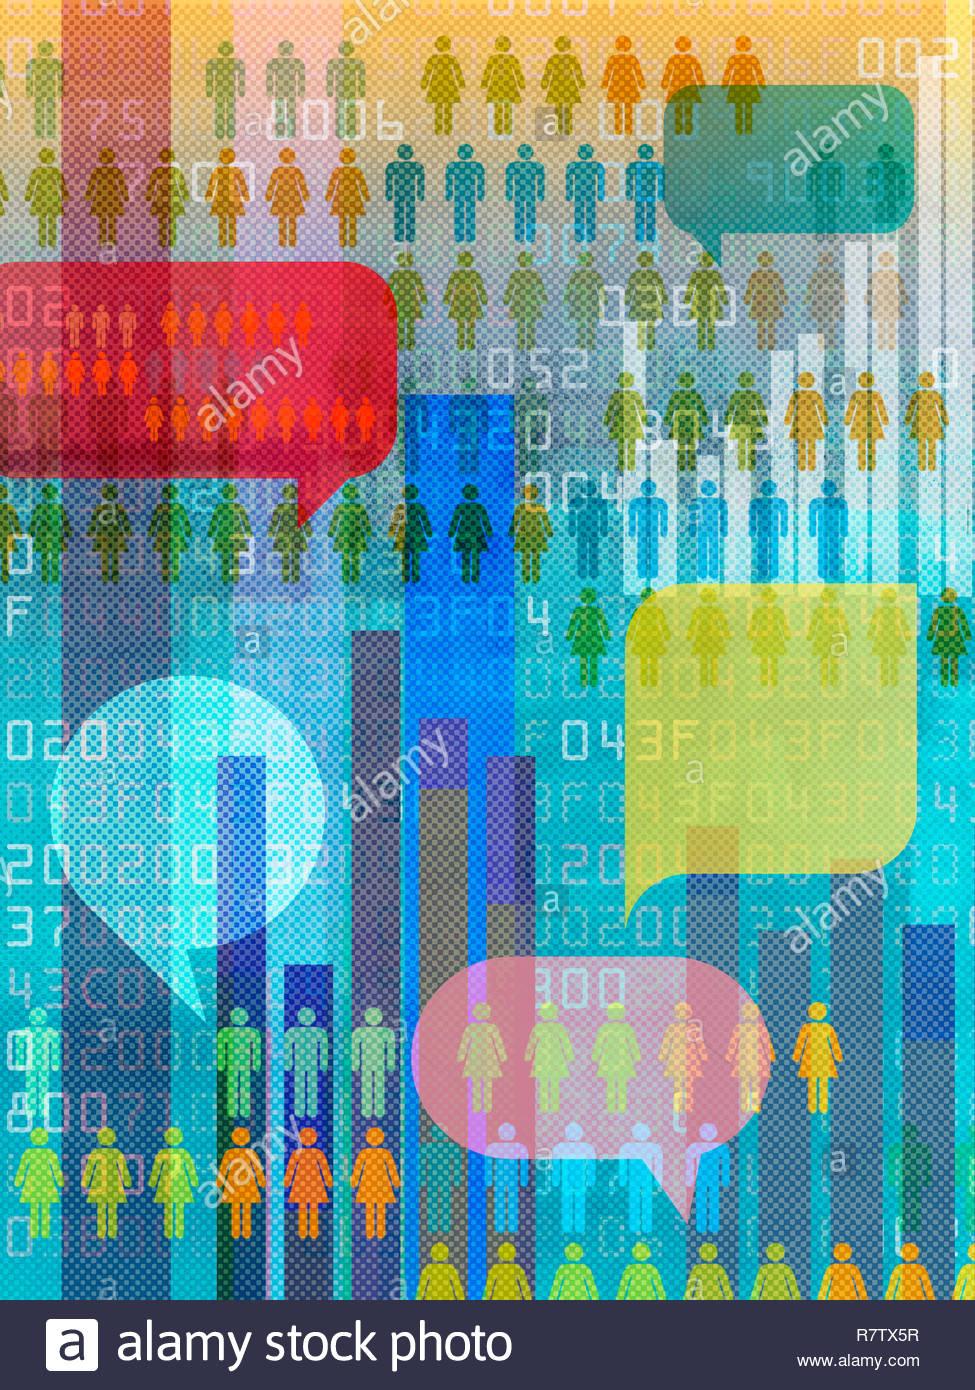 Daten und Kommunikation collage Stockbild